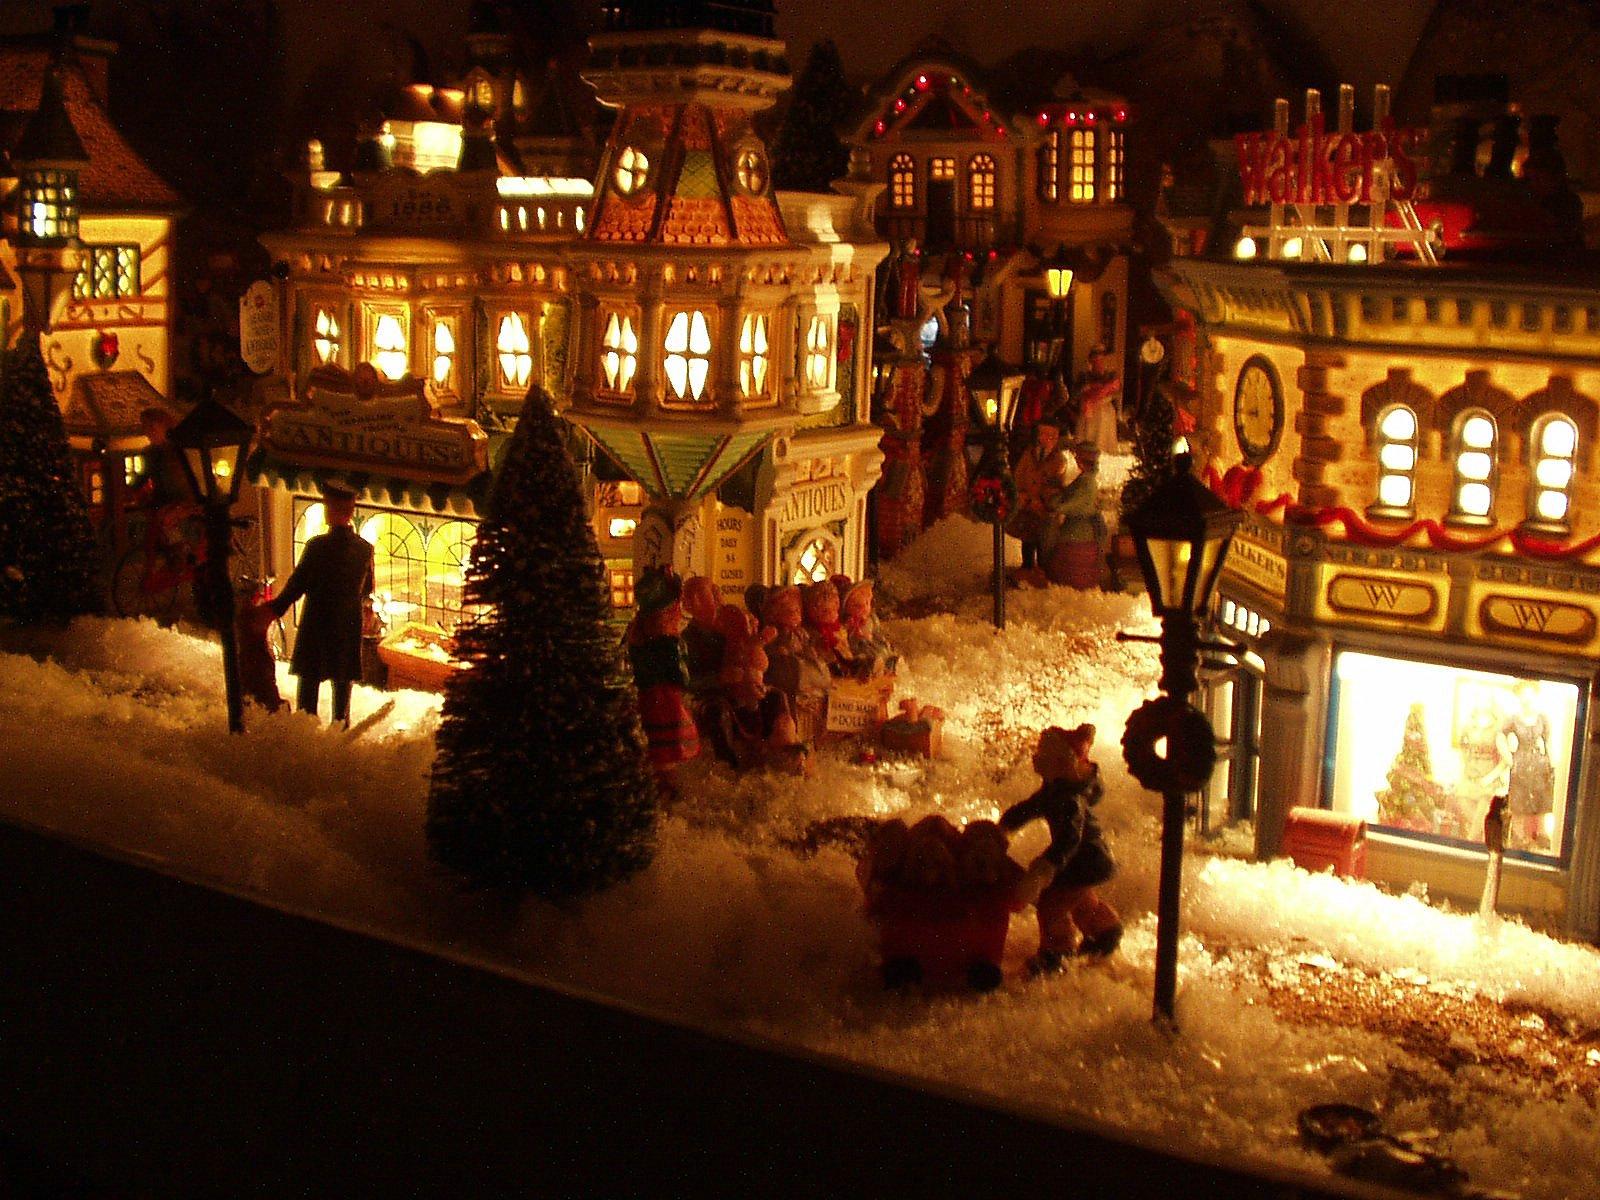 #B9410D Village De Noel 2008 6119 decoration de noel village animé 1600x1200 px @ aertt.com